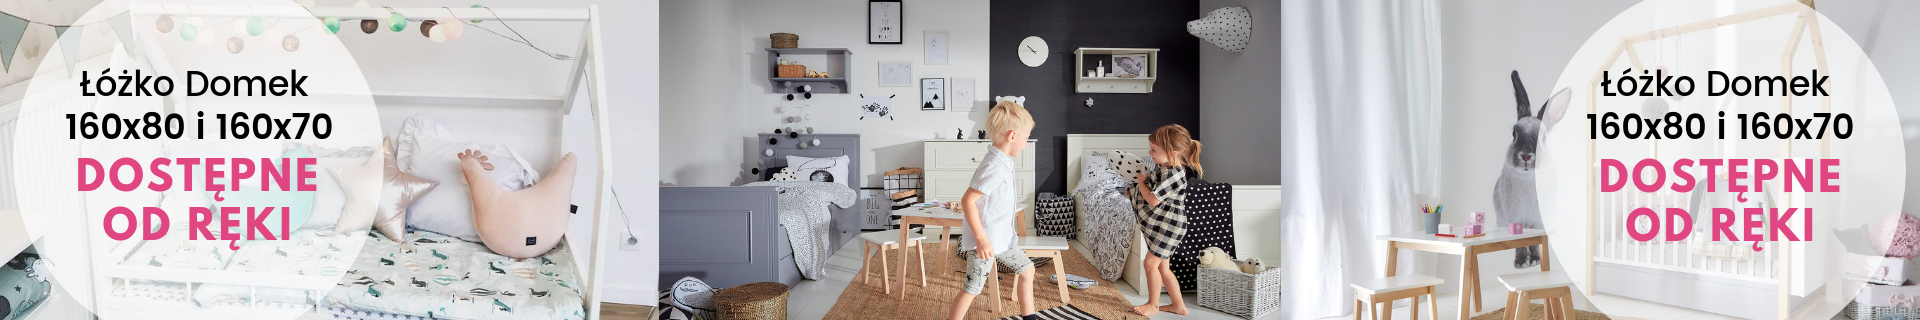 Łóżko domek i tipi — najmodniejsze meble dla starszaków